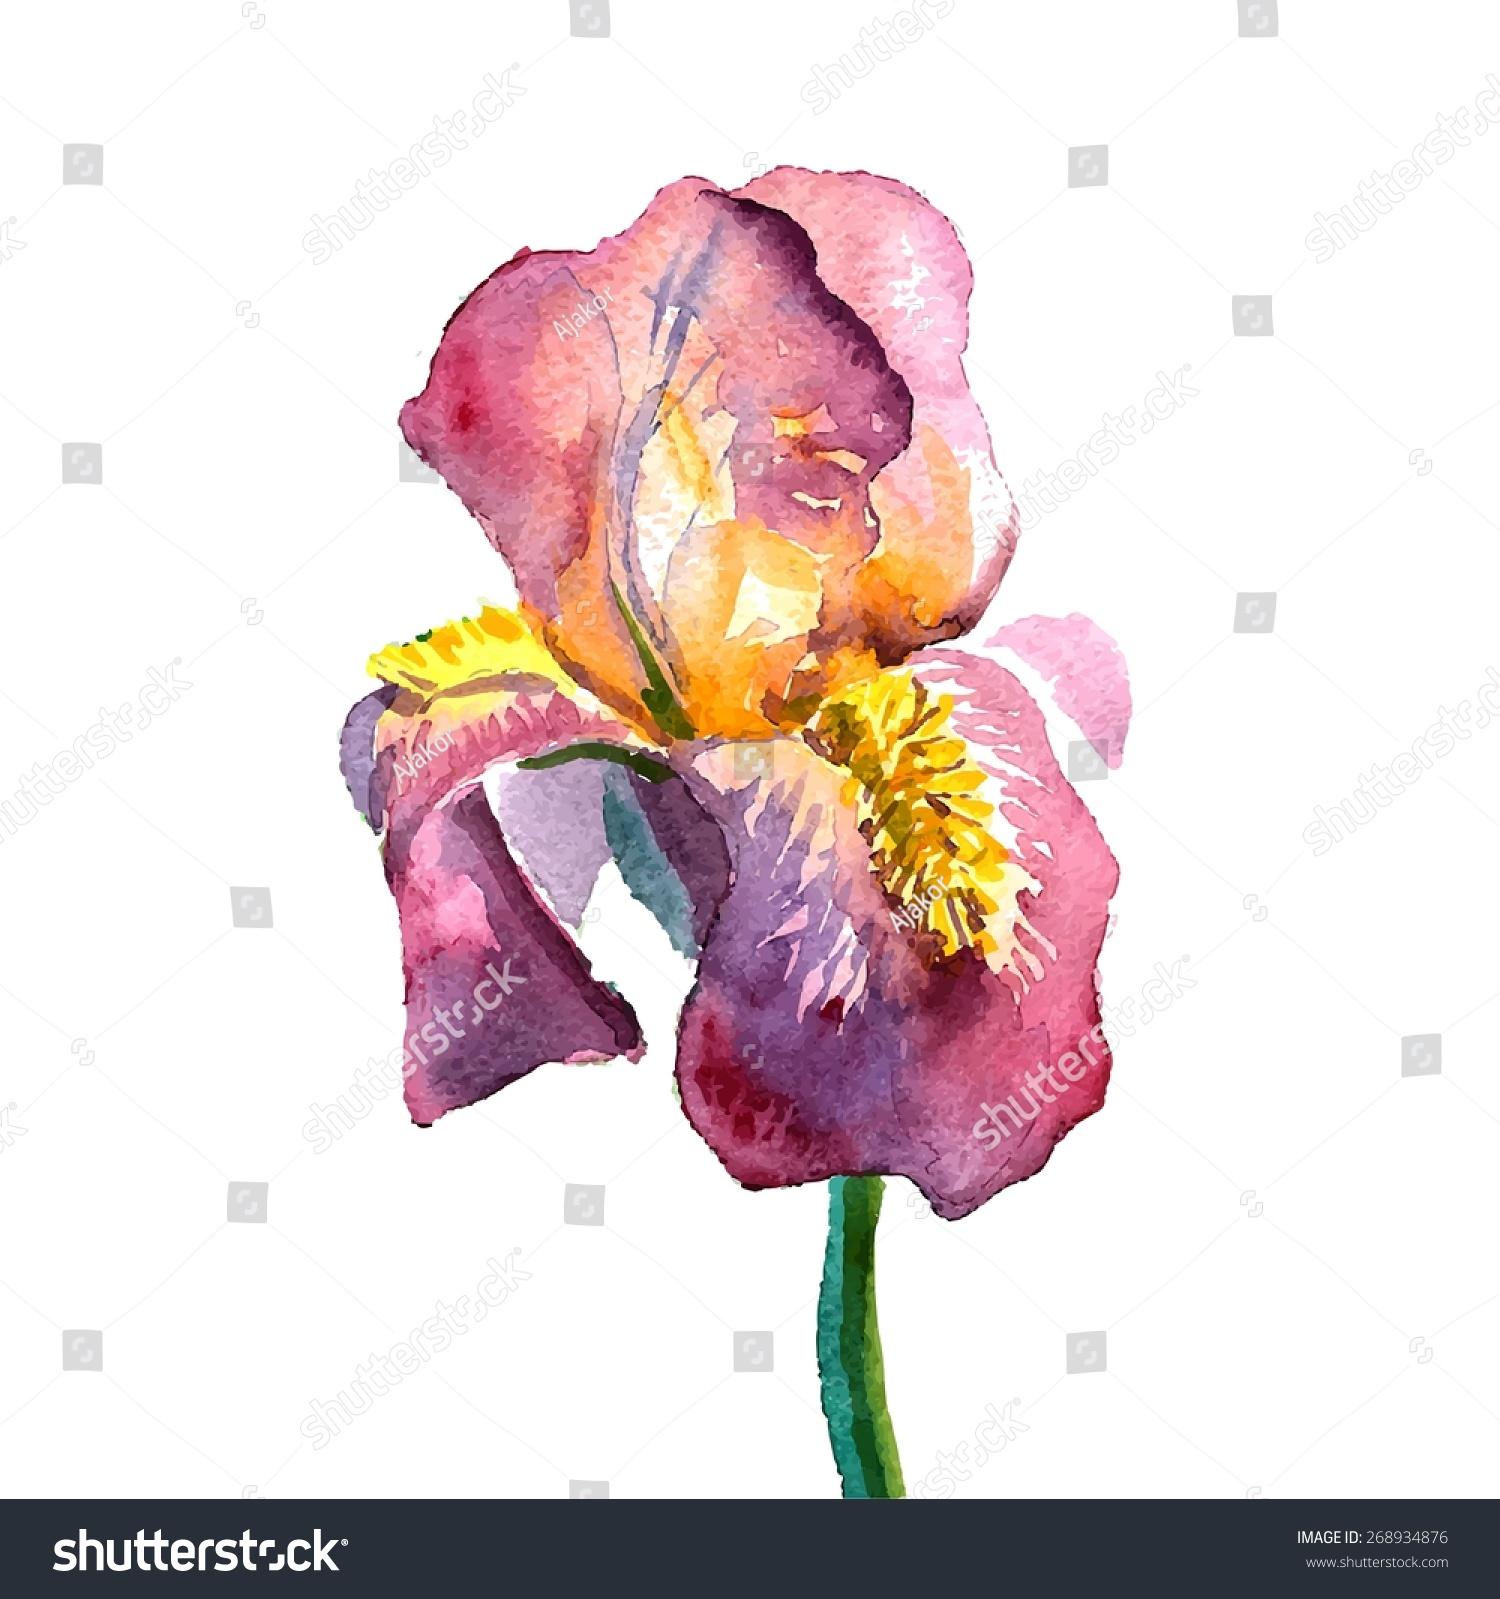 Watercolor tattoo idea iris flower vector stock vector 268934876 watercolor tattoo idea iris flower vector illustration izmirmasajfo